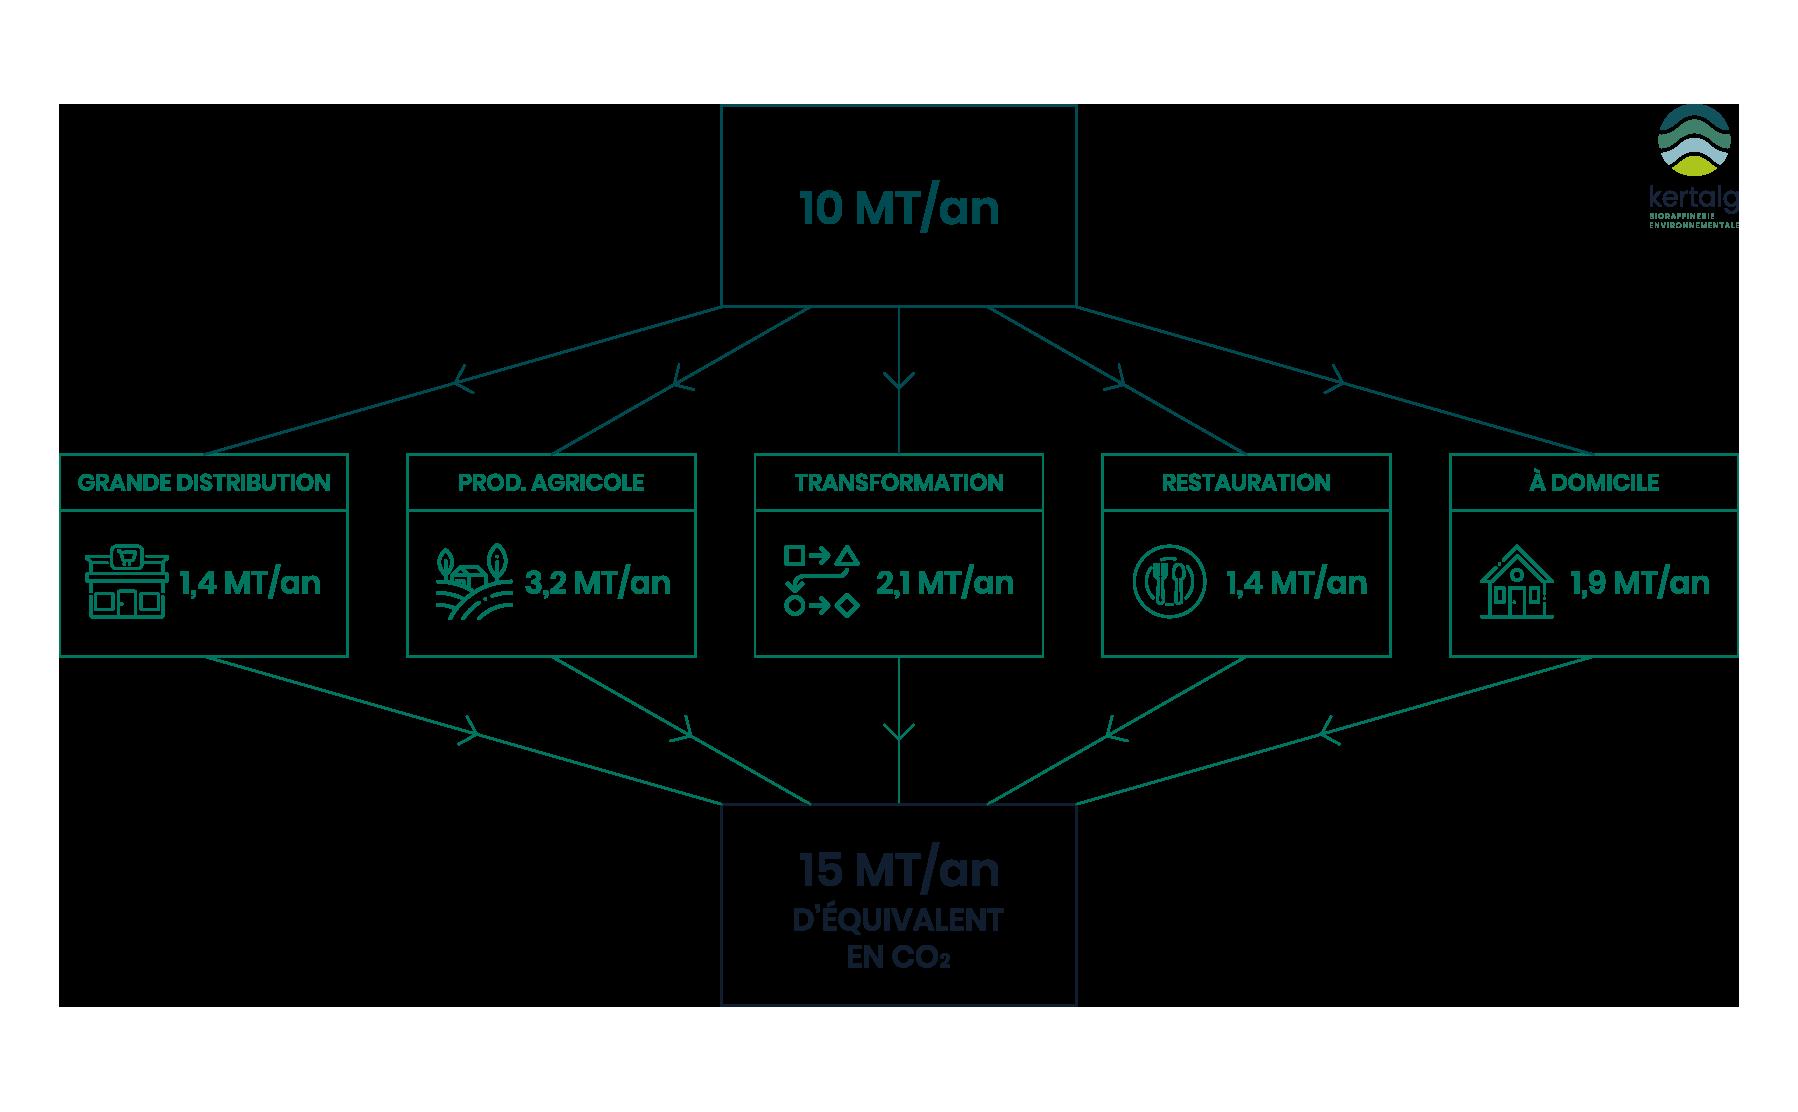 Schéma du Gaspillage alimentaire - Kertalg